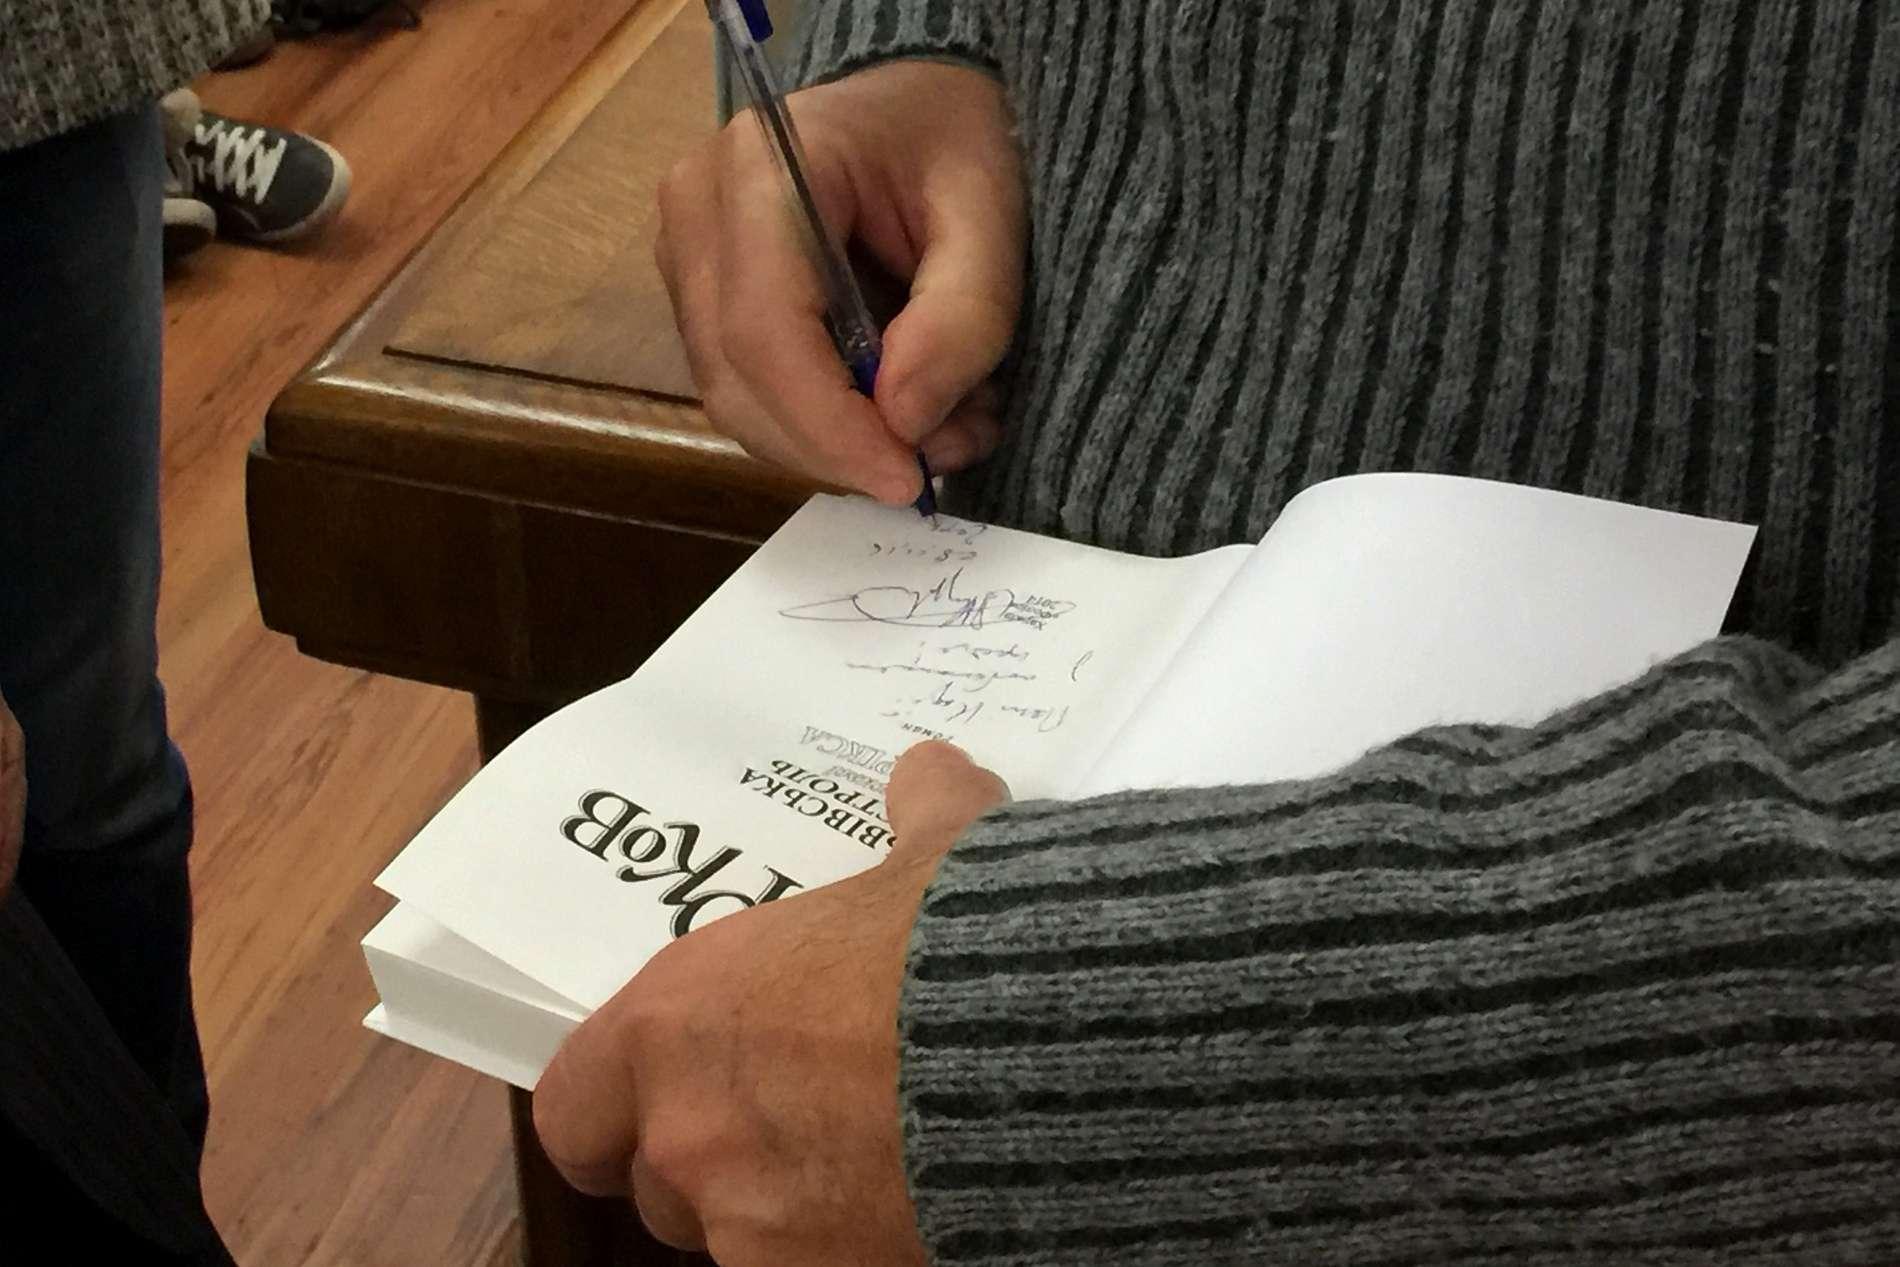 Андрій Курков у Чернівцях розповів про свої мандри Литвою, Жальгаріс і нову книжку